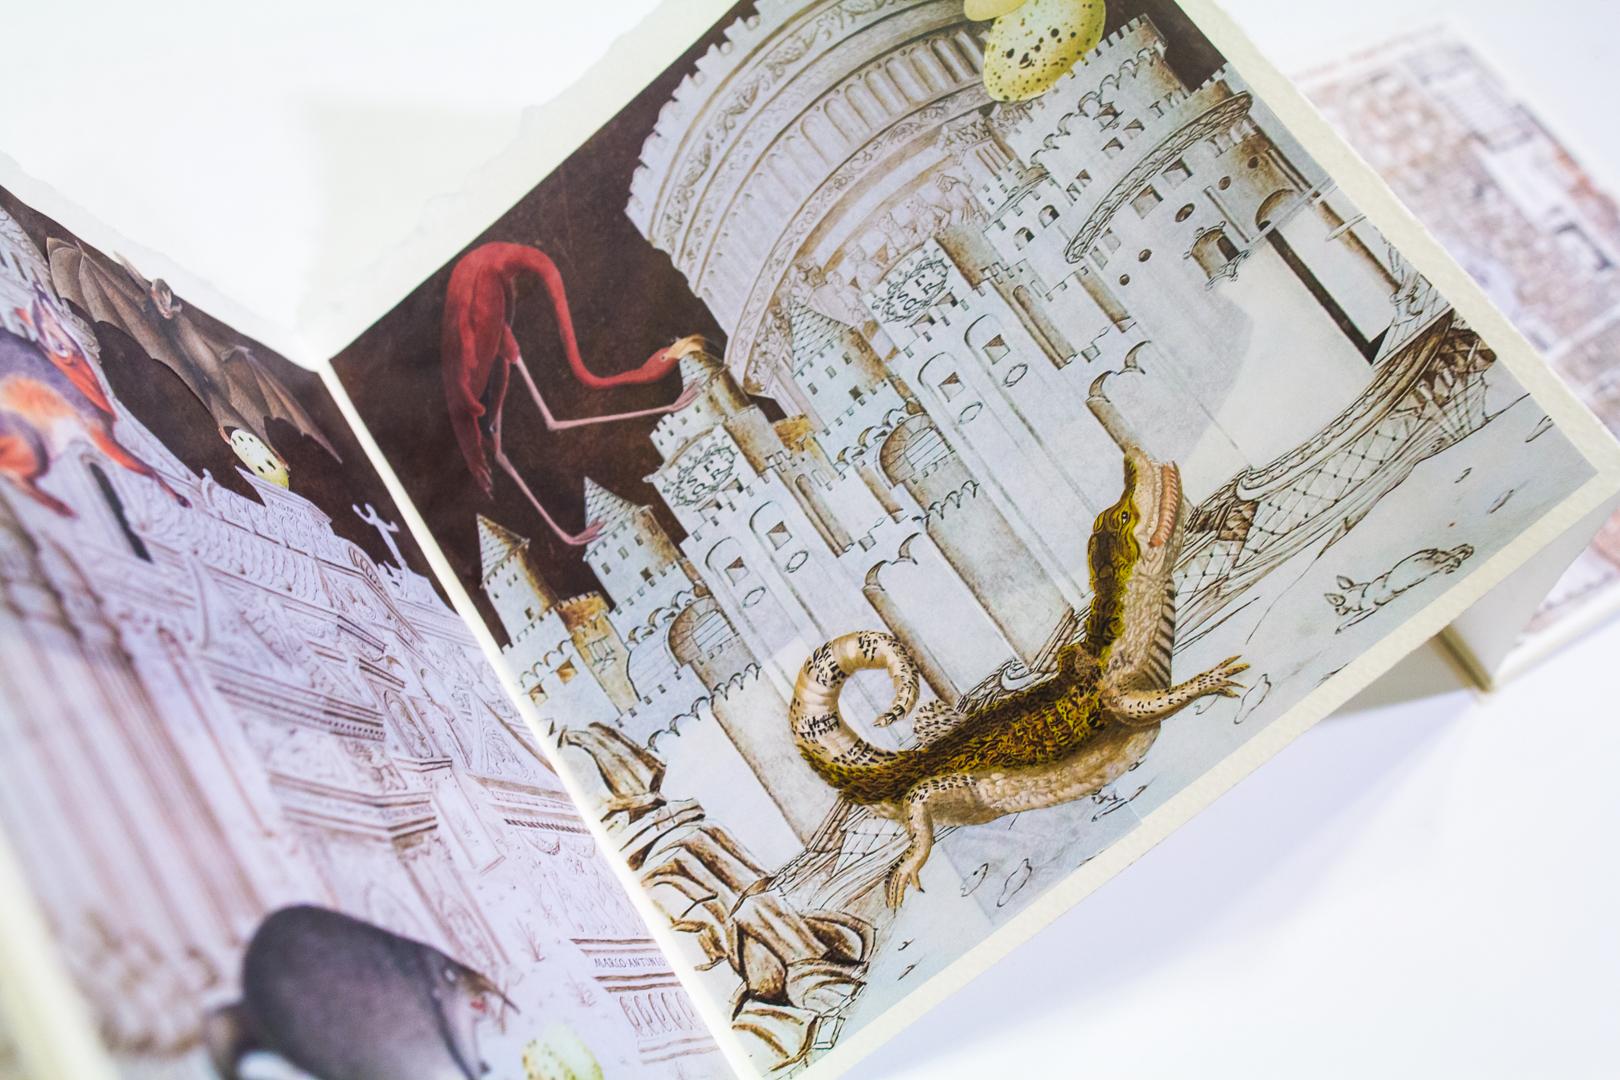 Focus on an Artist's Book: La Cité des Animaux by Lynn Skordal